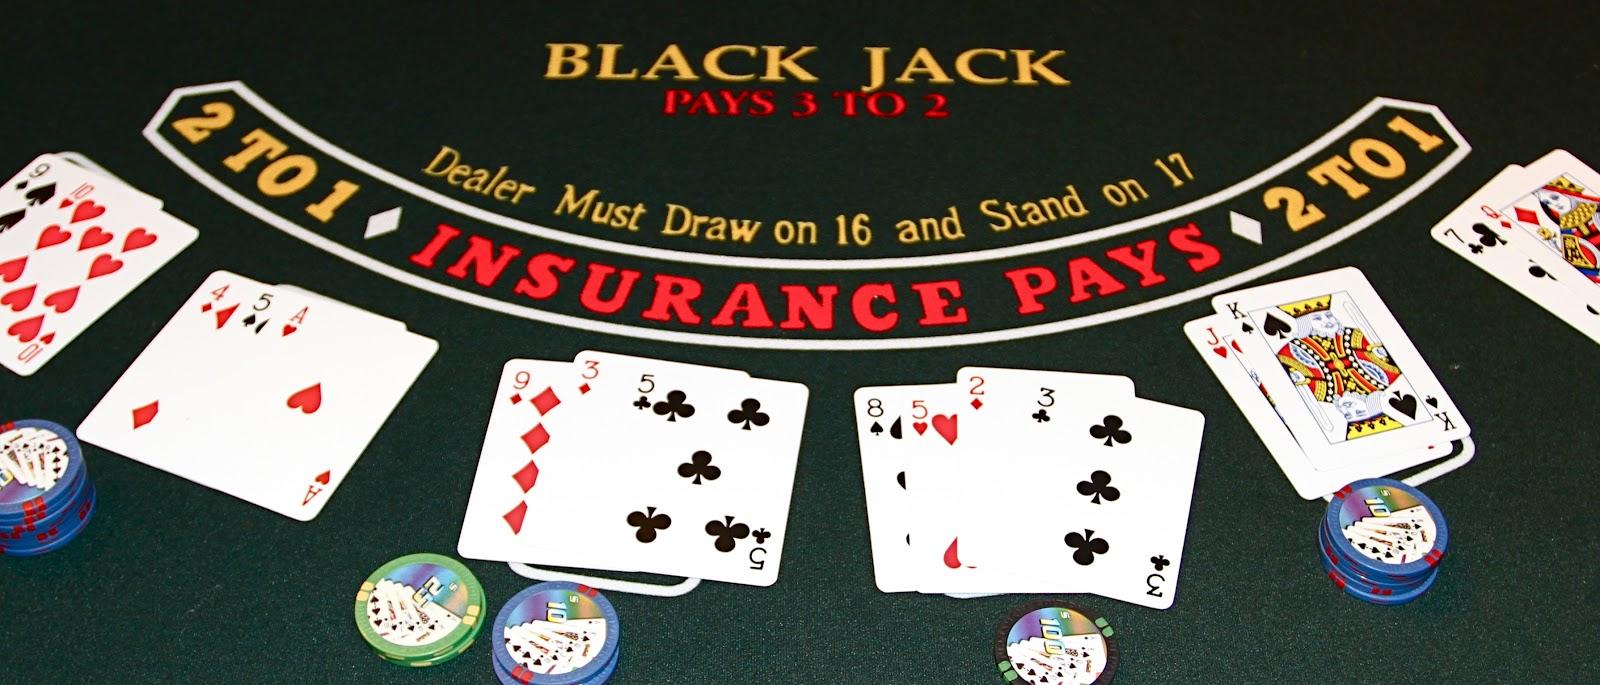 Blackjack, le fameux jeu de casinos en ligne